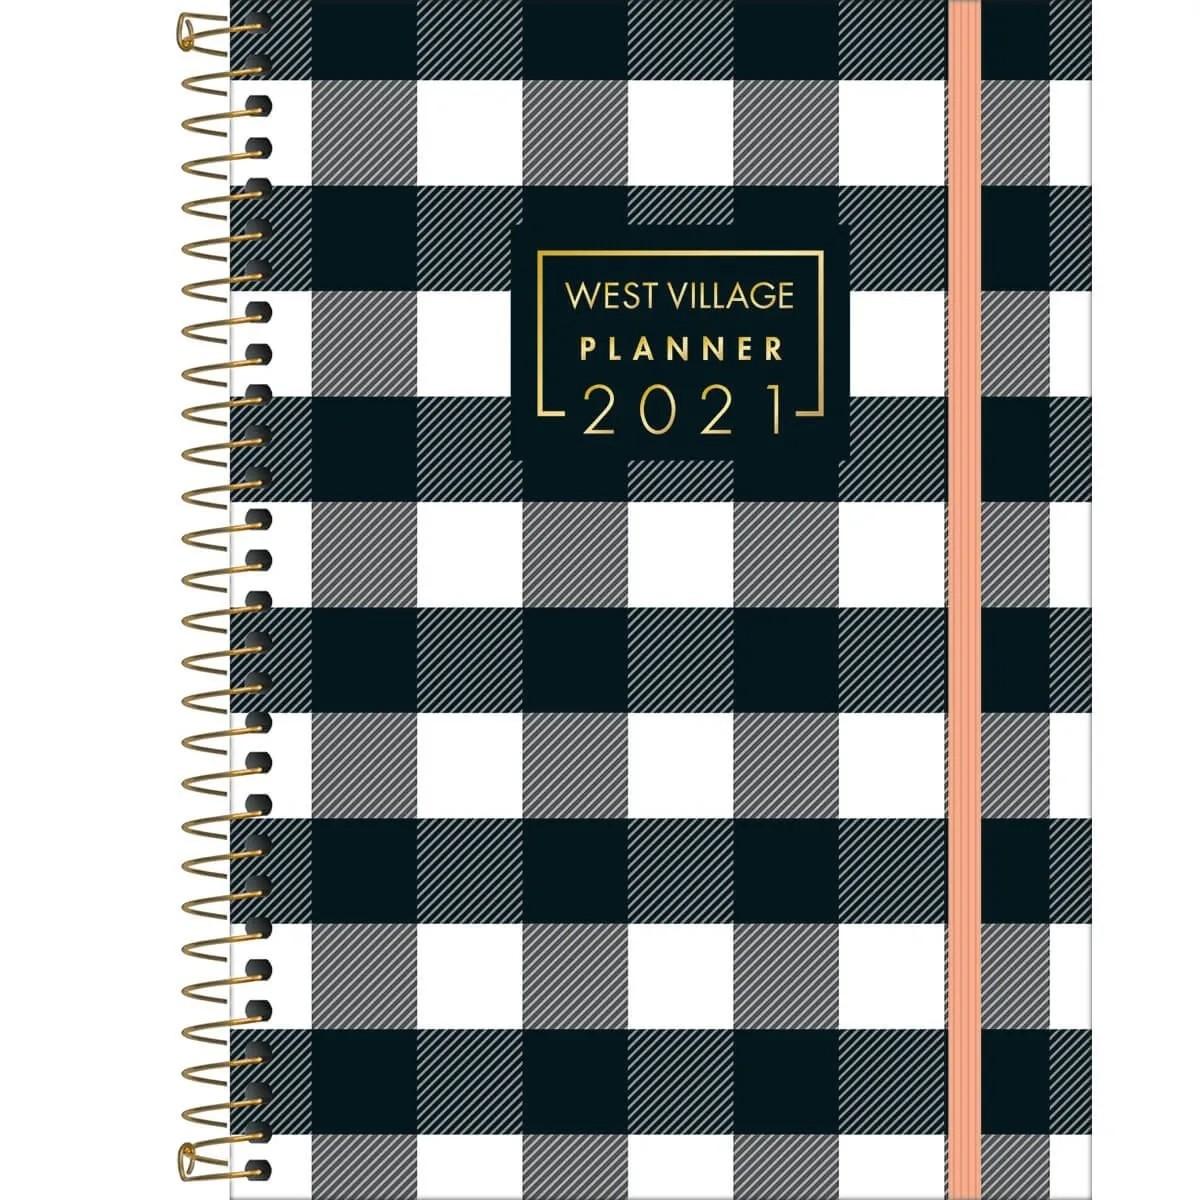 Agenda Espiral Planner West Village 2021 M7 Tilibra